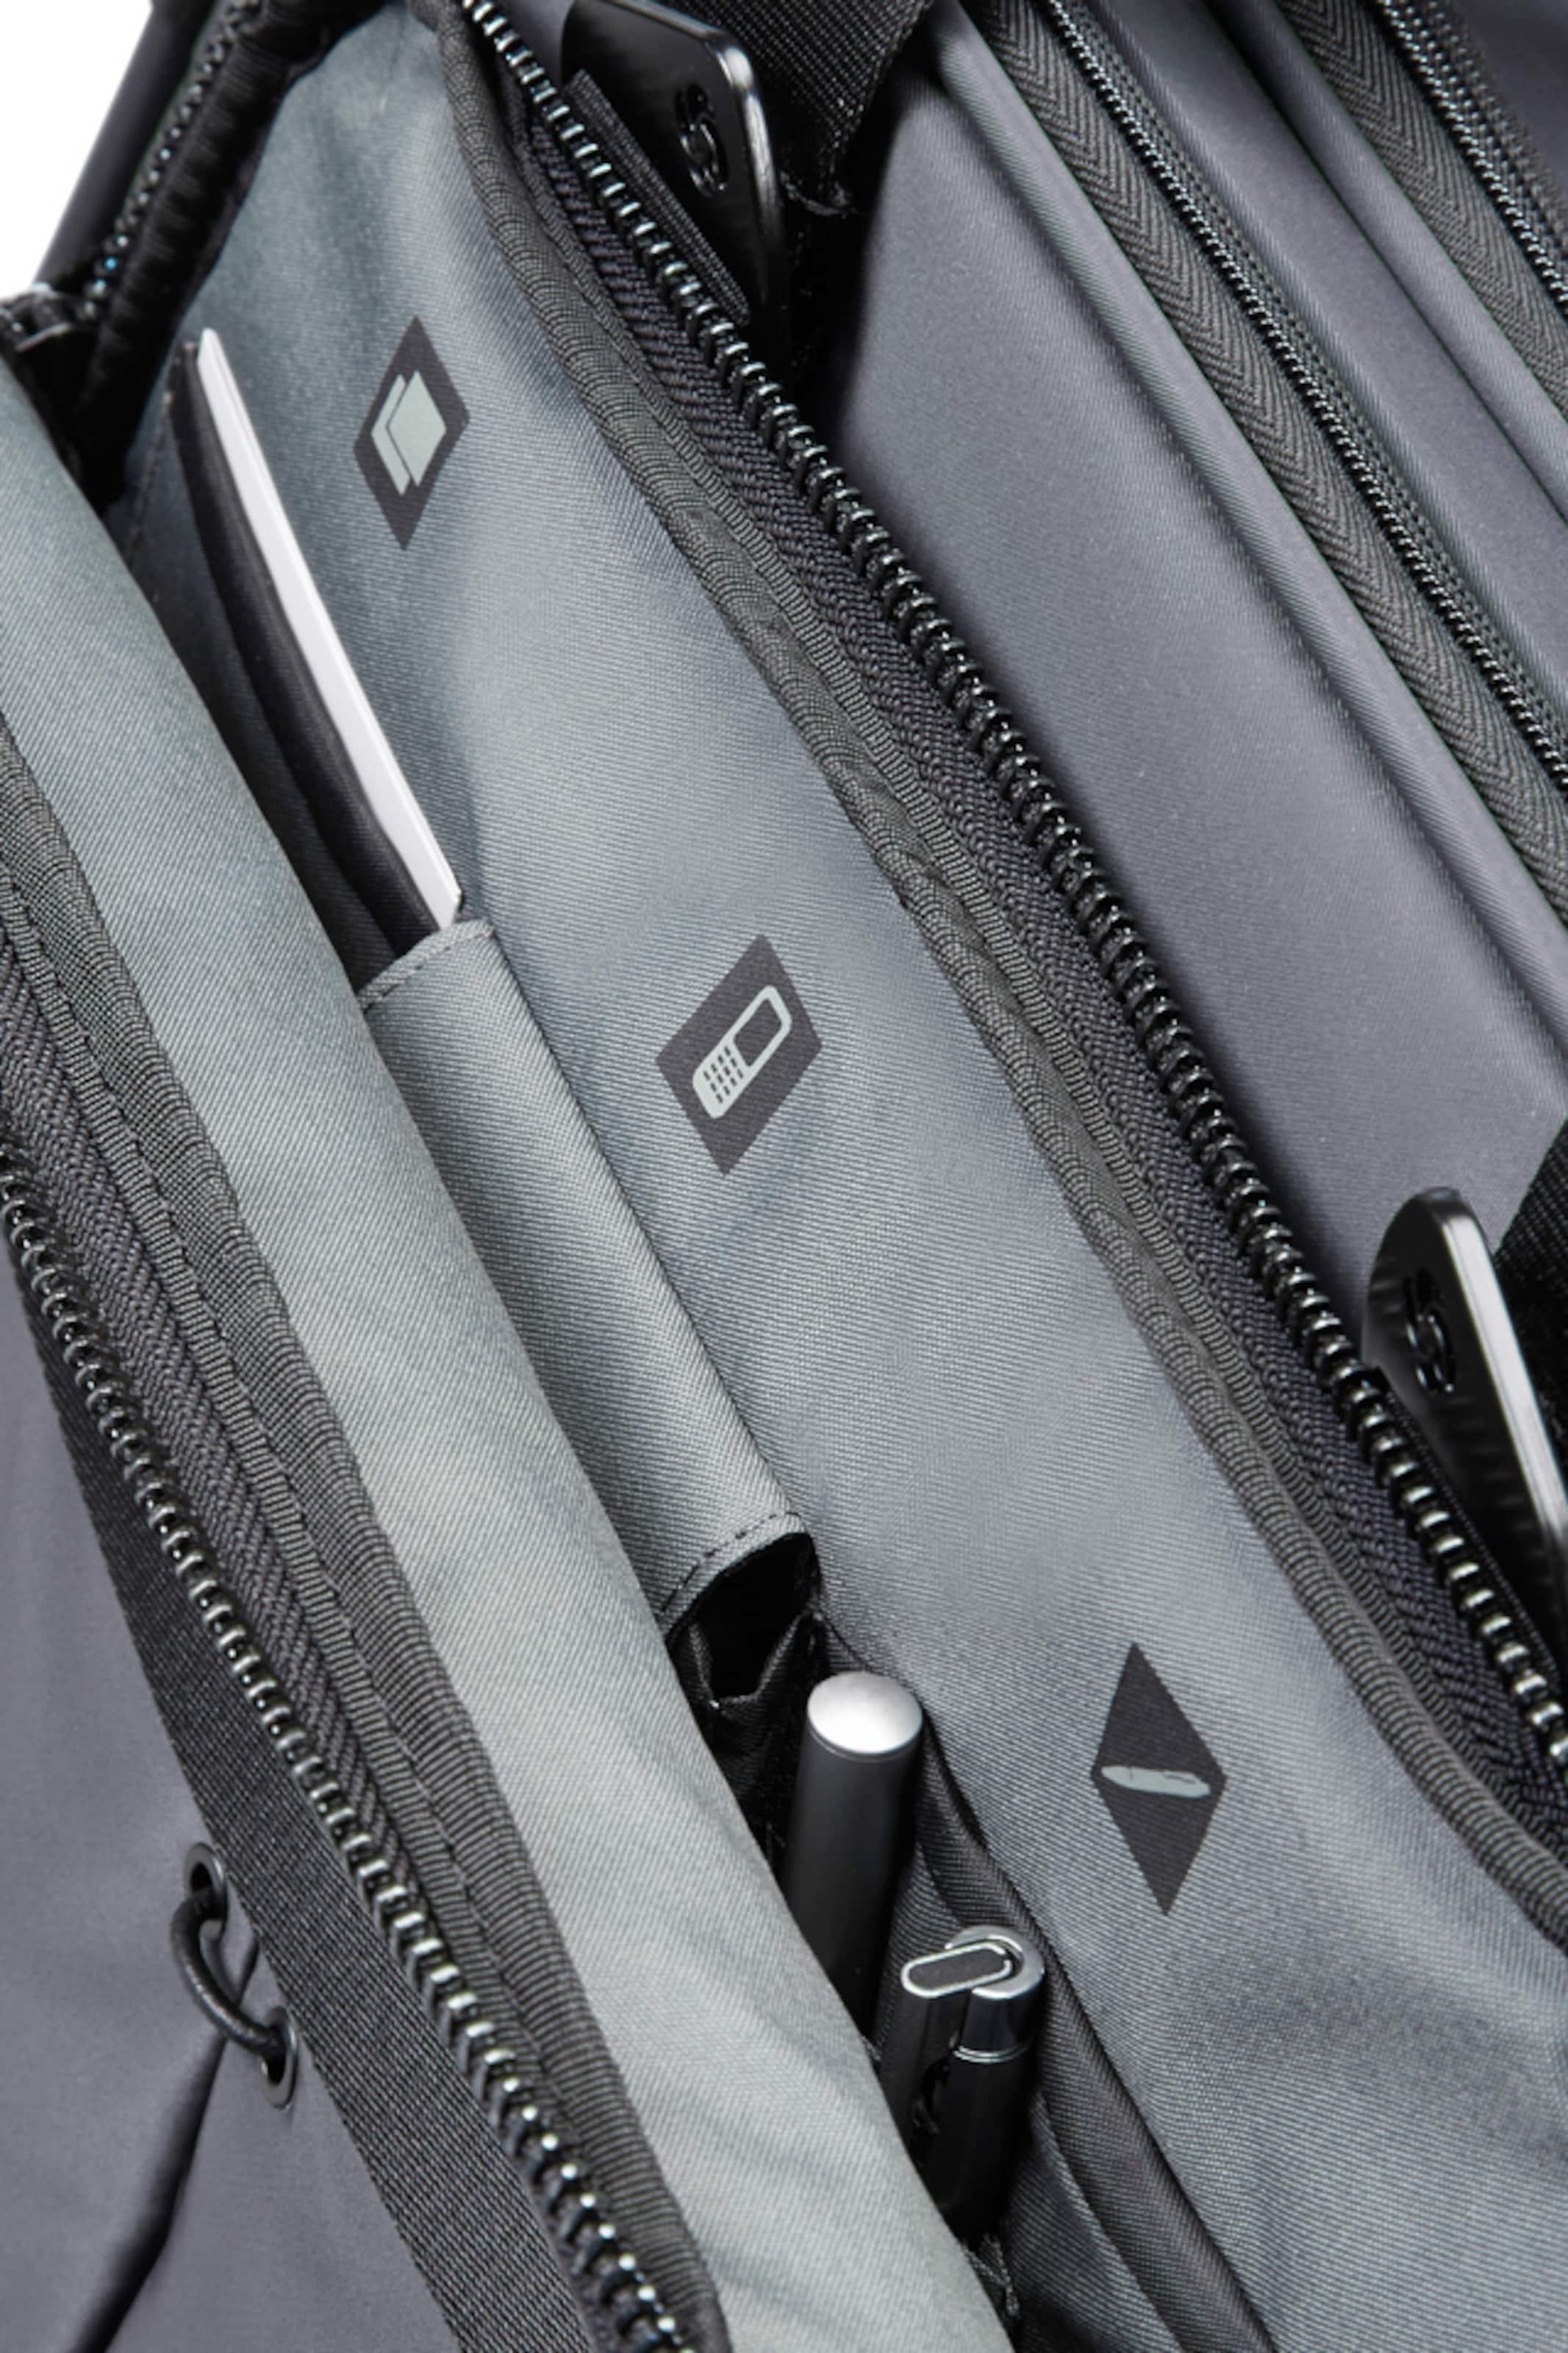 Besuchen Online SAMSONITE Cityvibe Businesstasche 43 cm Laptopfach Steckdose Authentisch Günstige Standorte Verkauf Auslass ERAXqPoe